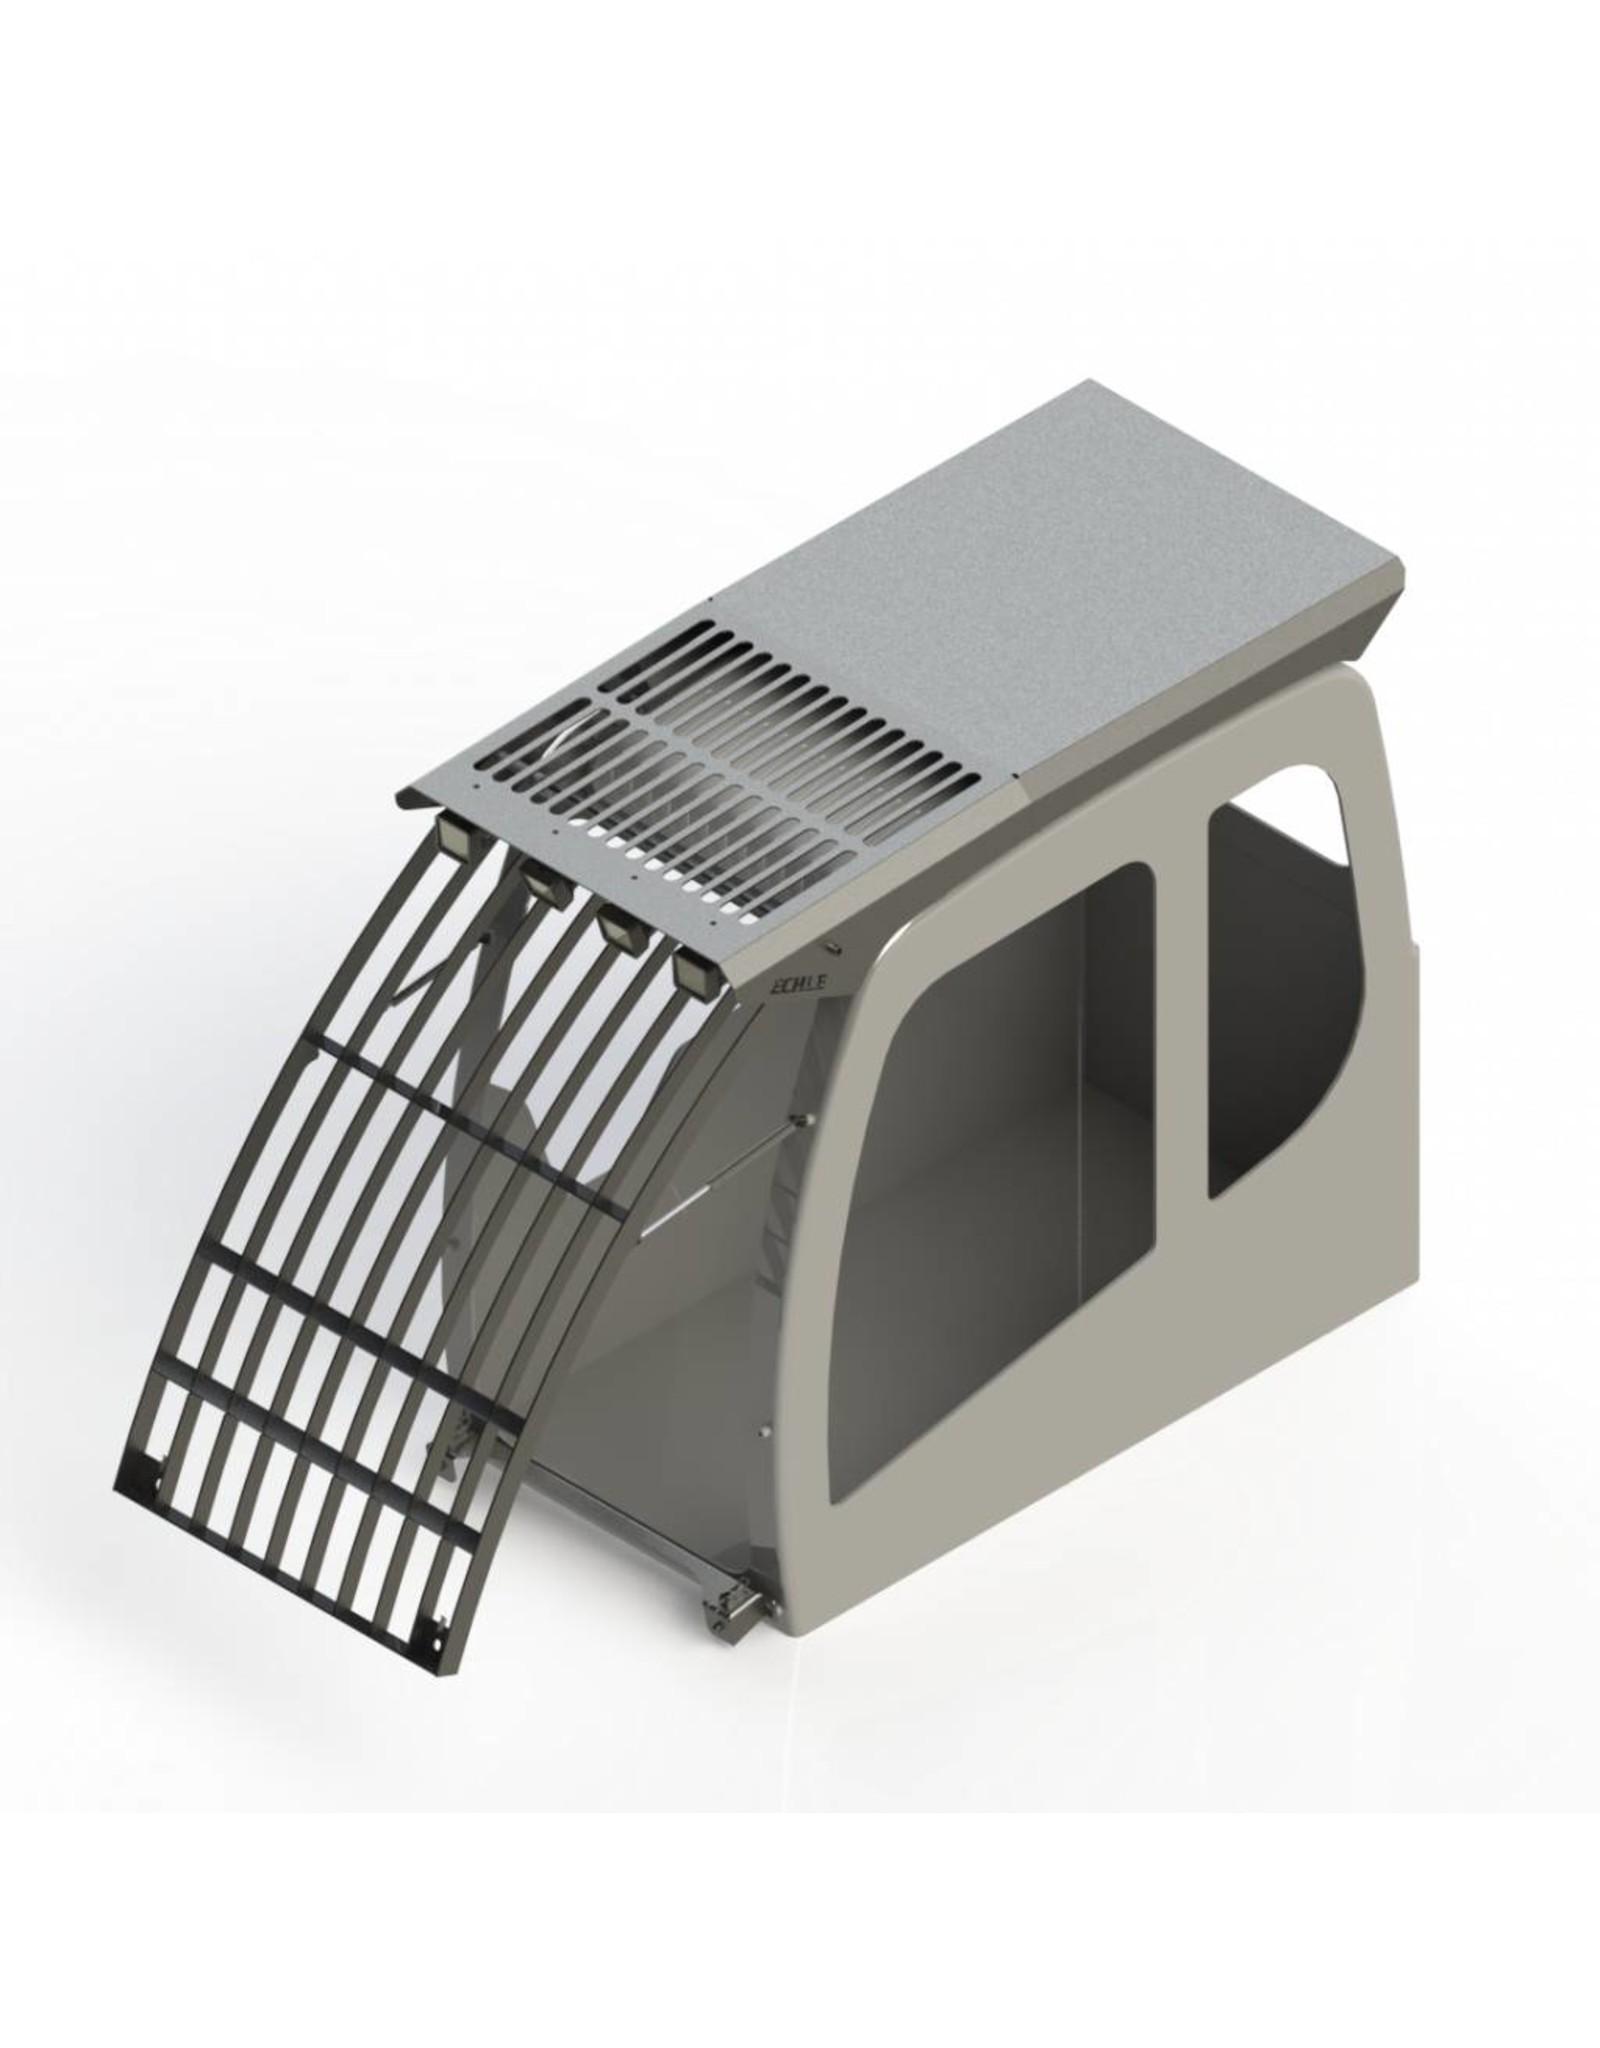 Echle Hartstahl GmbH FOPS für CAT 311F